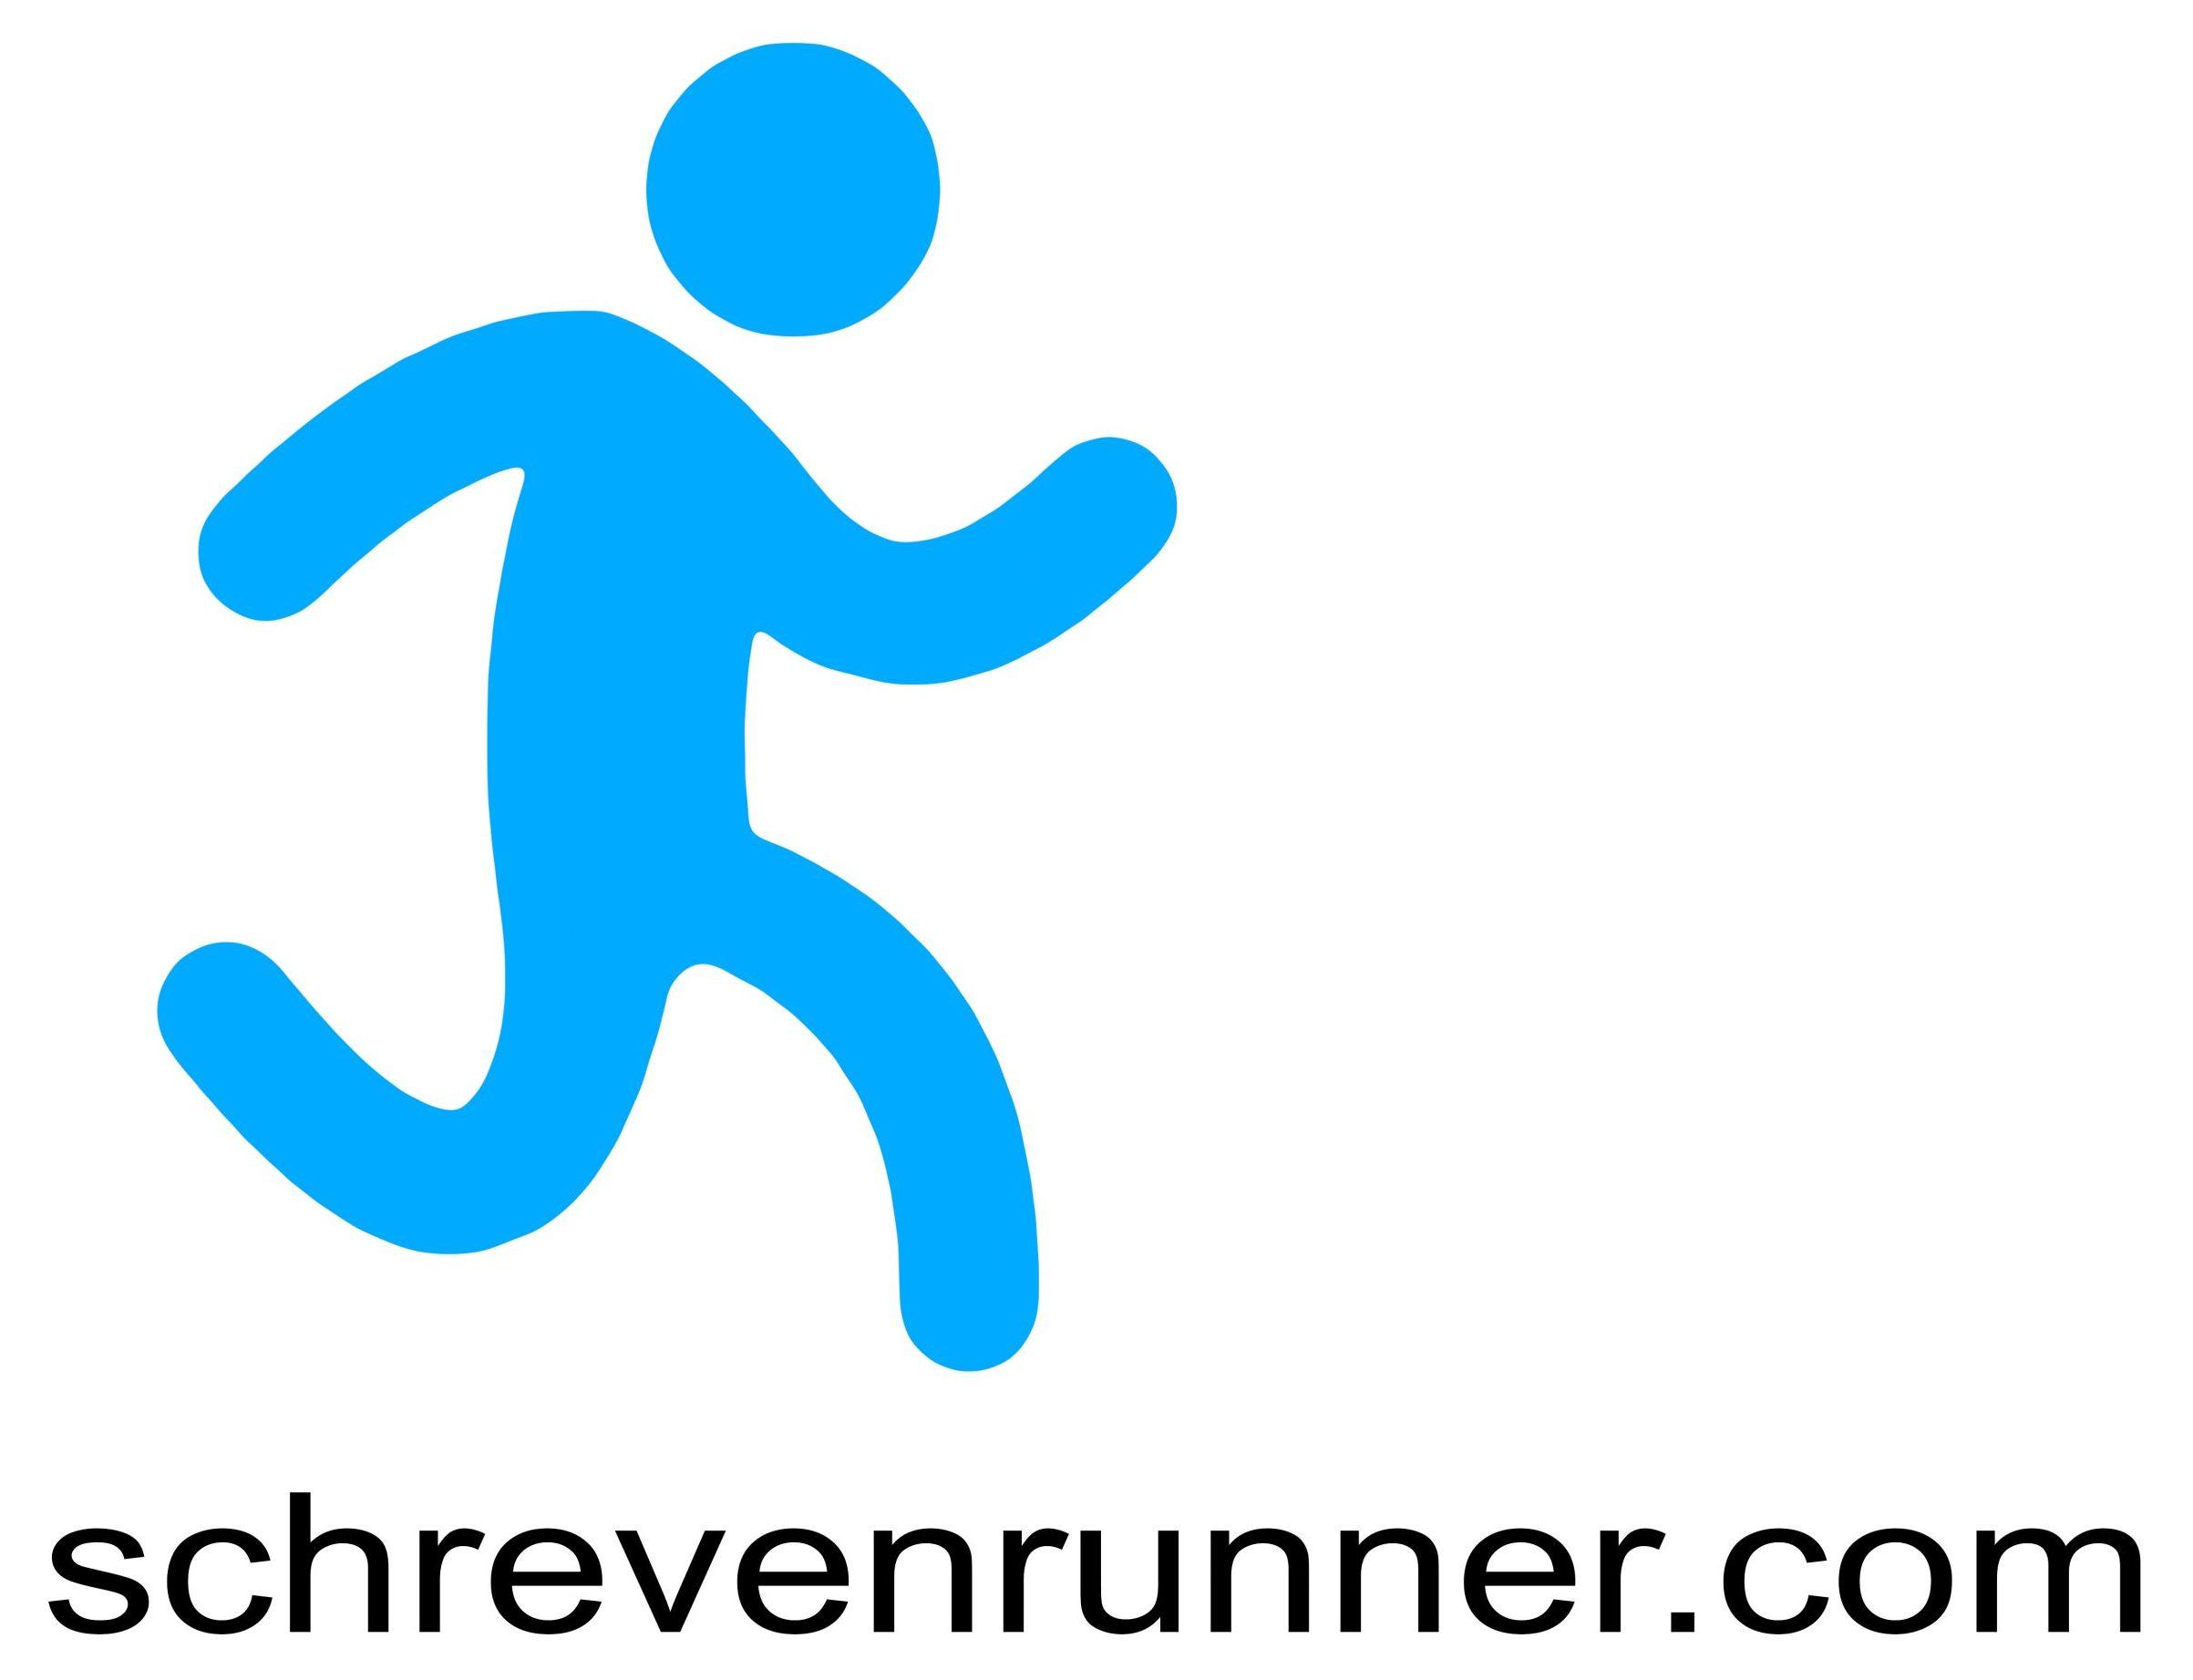 Logo_schrevenrunner